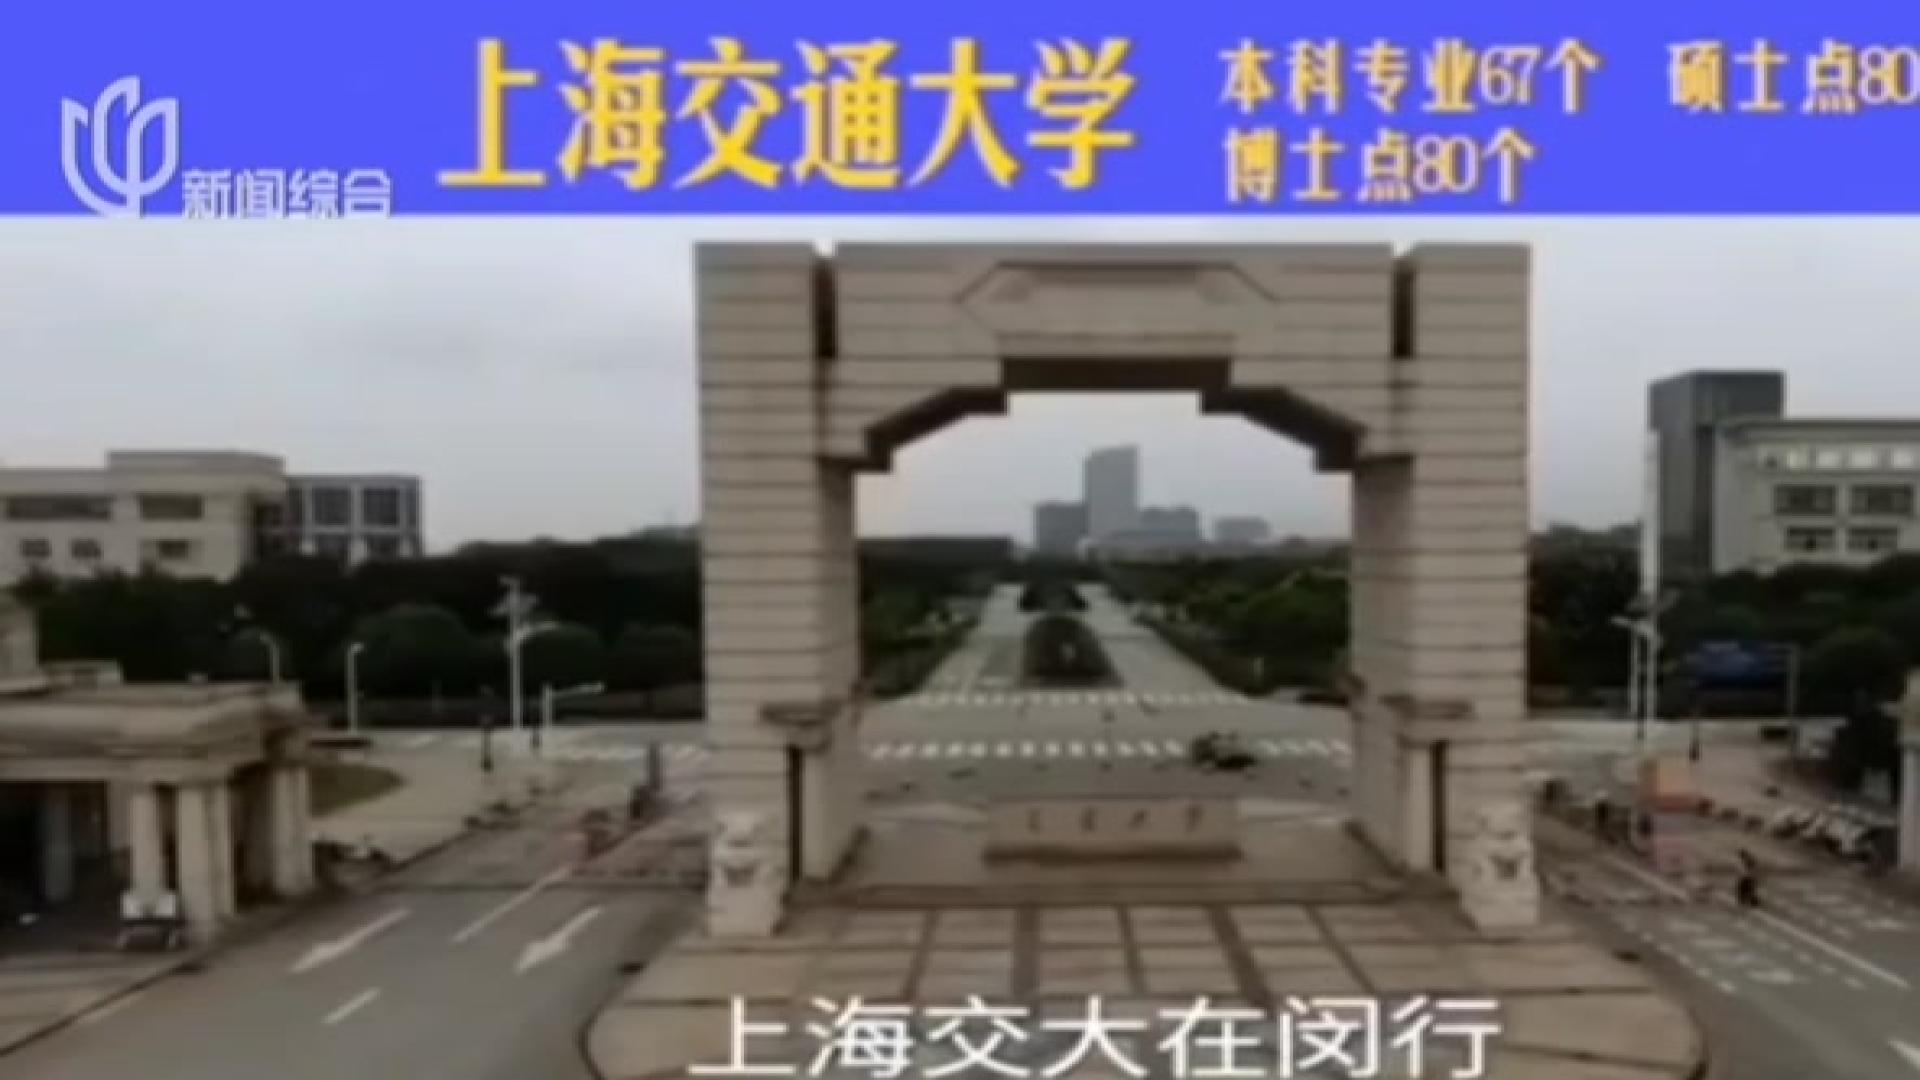 """上海交大""""土味野生""""招生片走红:校方——非官方发布"""